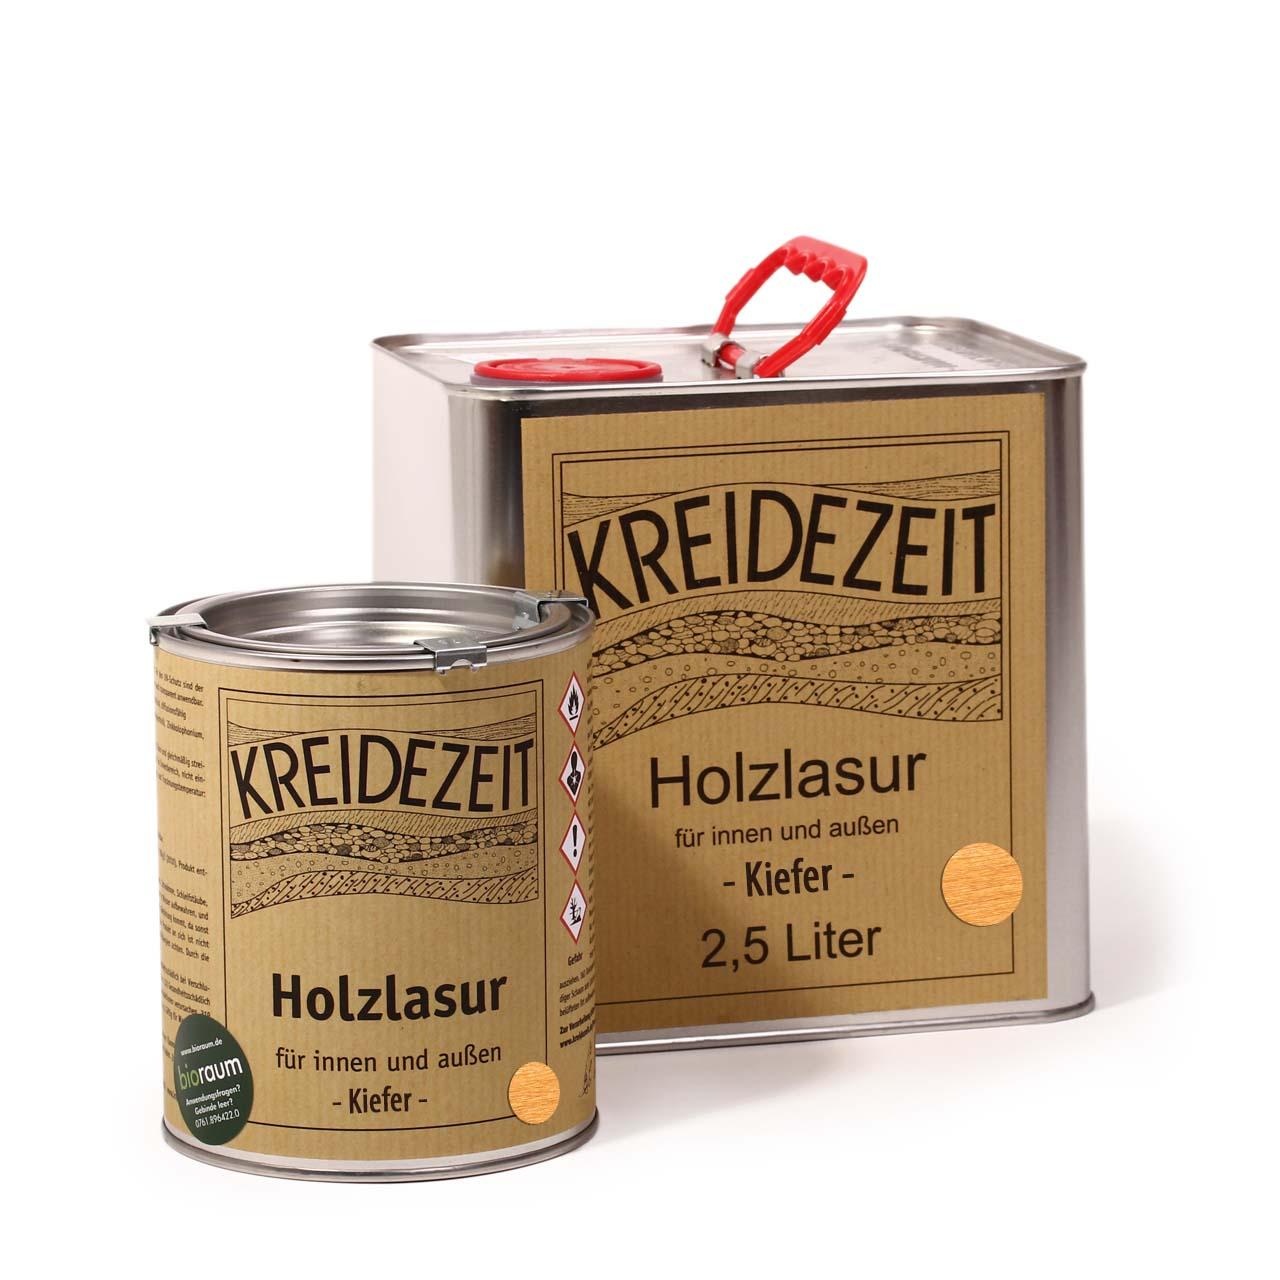 Gut bekannt Kreidezeit Holzlasur Kiefer   Kreidezeit Naturfarben Shop von Bioraum DK28